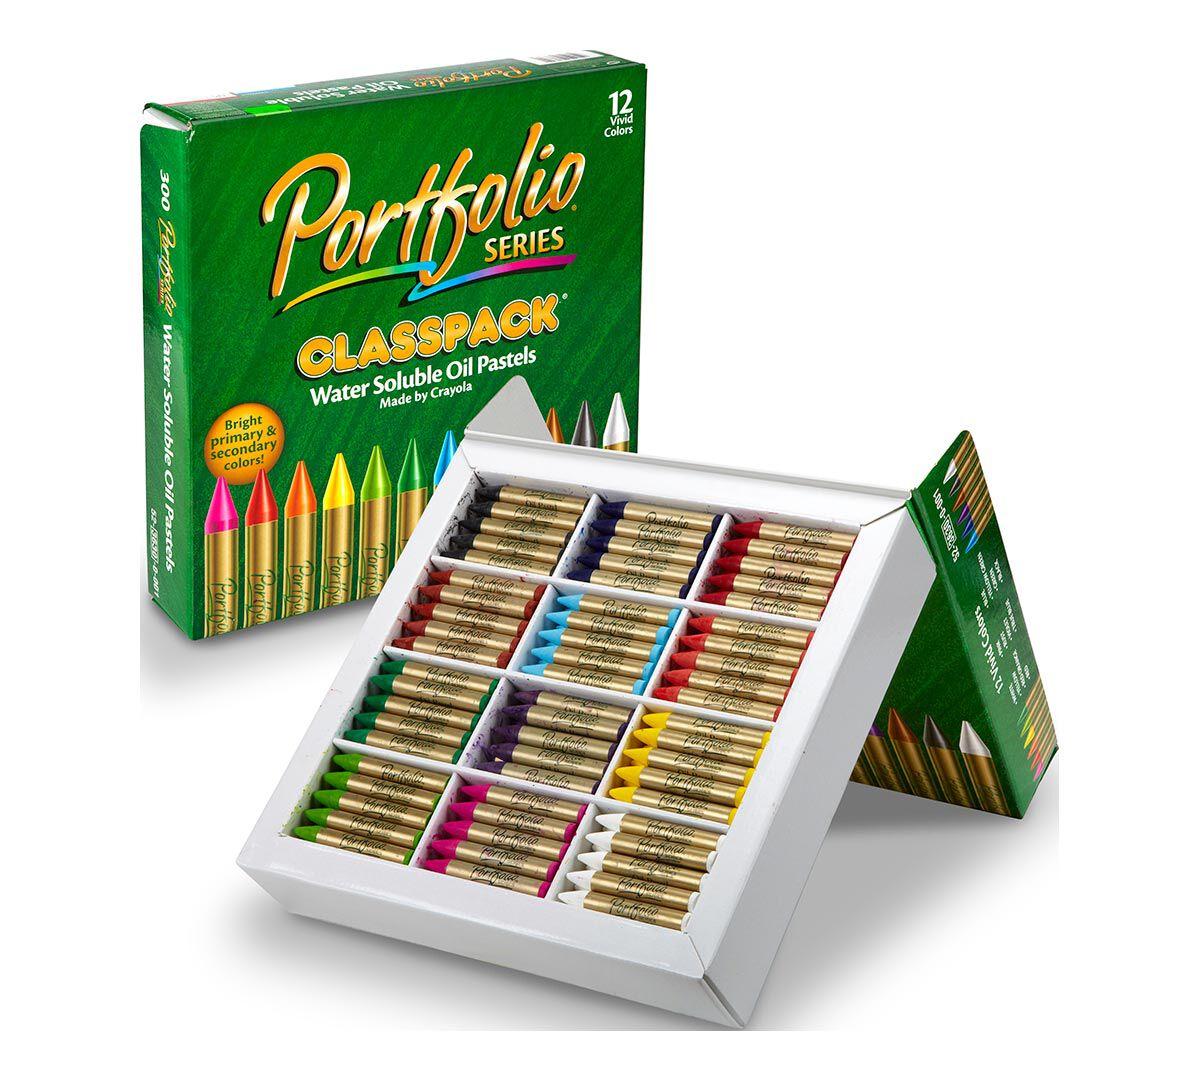 Oil Pastel Classpack, 300 Count, 12 Colors